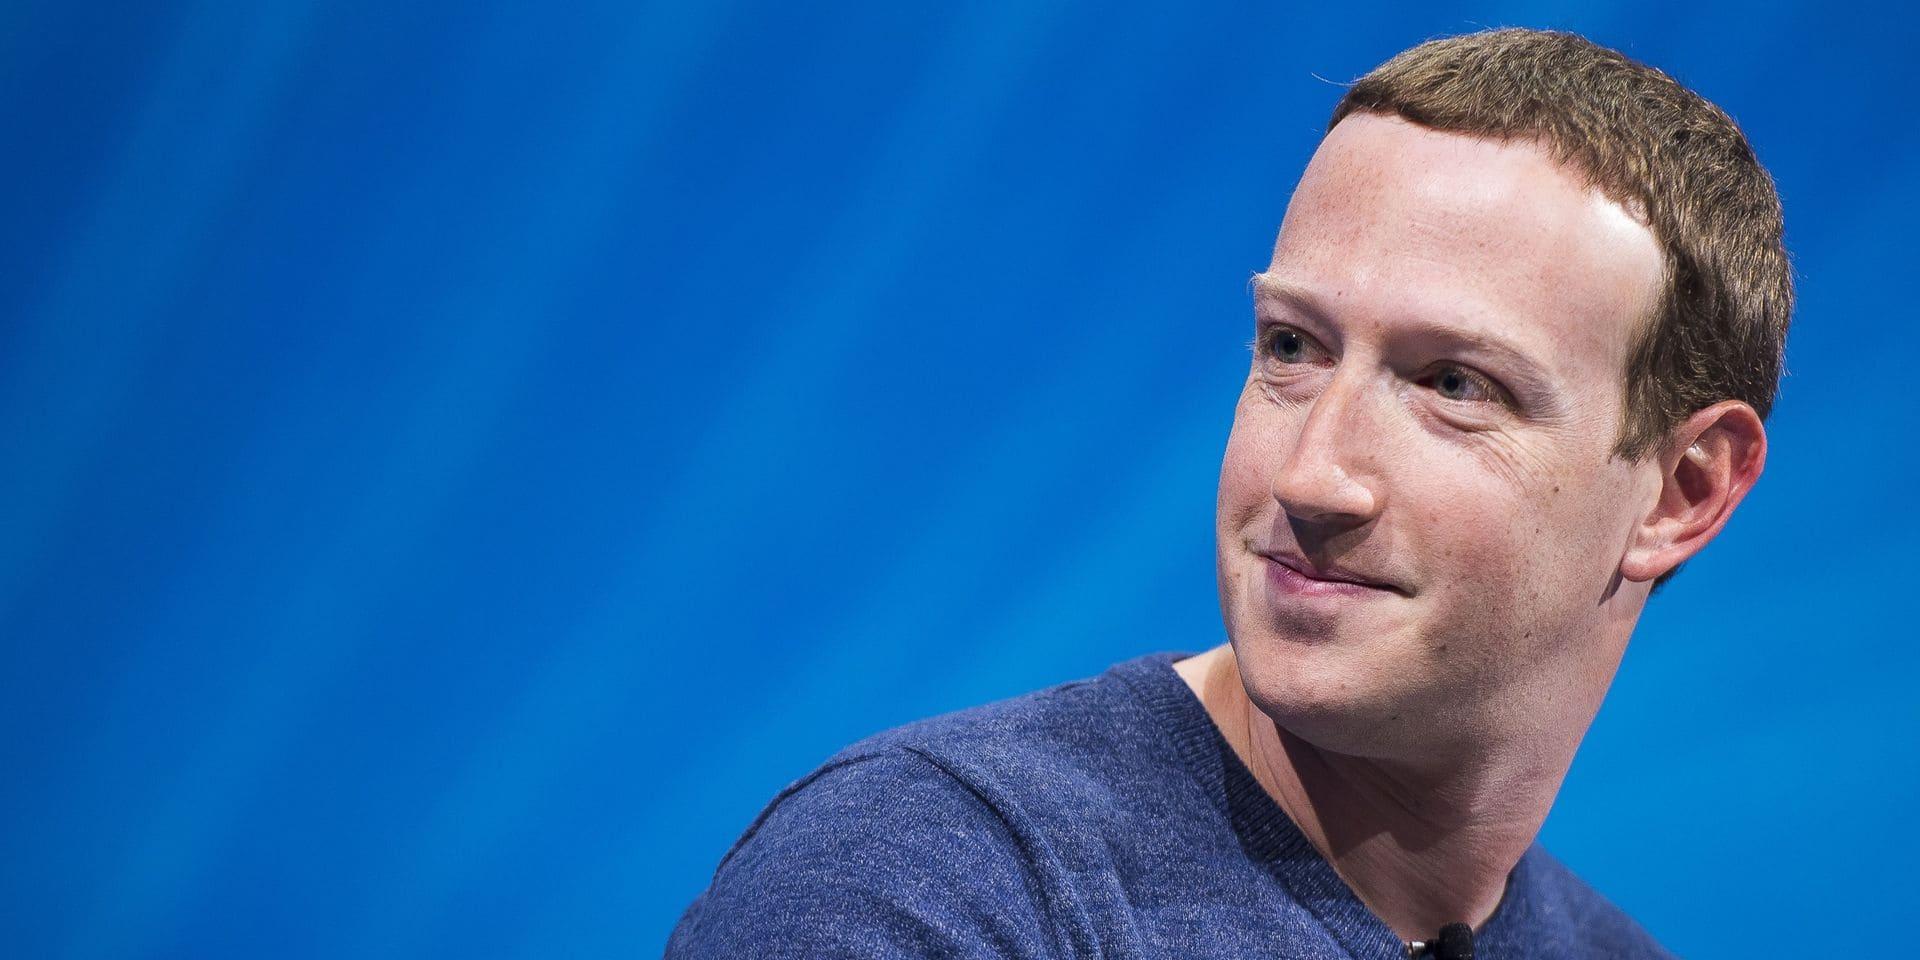 """Libra, le projet de monnaie numérique de Facebook, essentielle à la """"prédominance du système financier américain"""""""